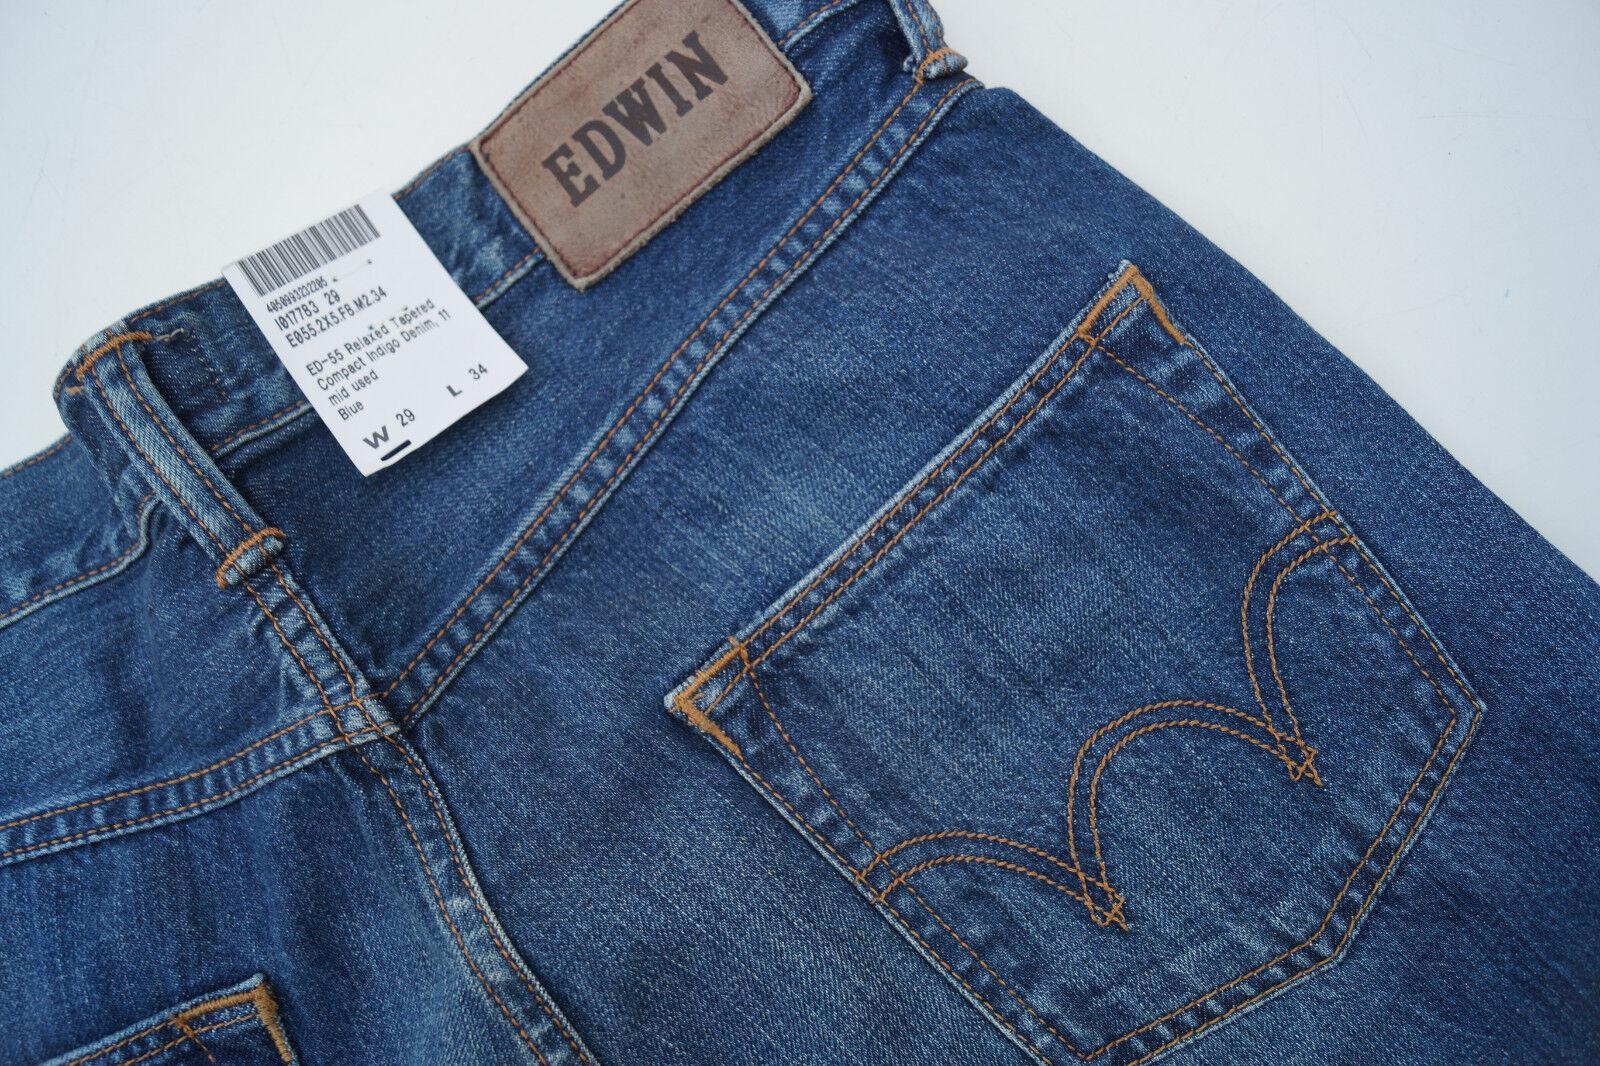 EDWIN relaxed Herren Men Jeans Hose 29 34 W29 L34 darkBlau stone wash used NEU  | Ausgang  | Innovation  | Won hoch geschätzt und weithin vertraut im in- und Ausland vertraut